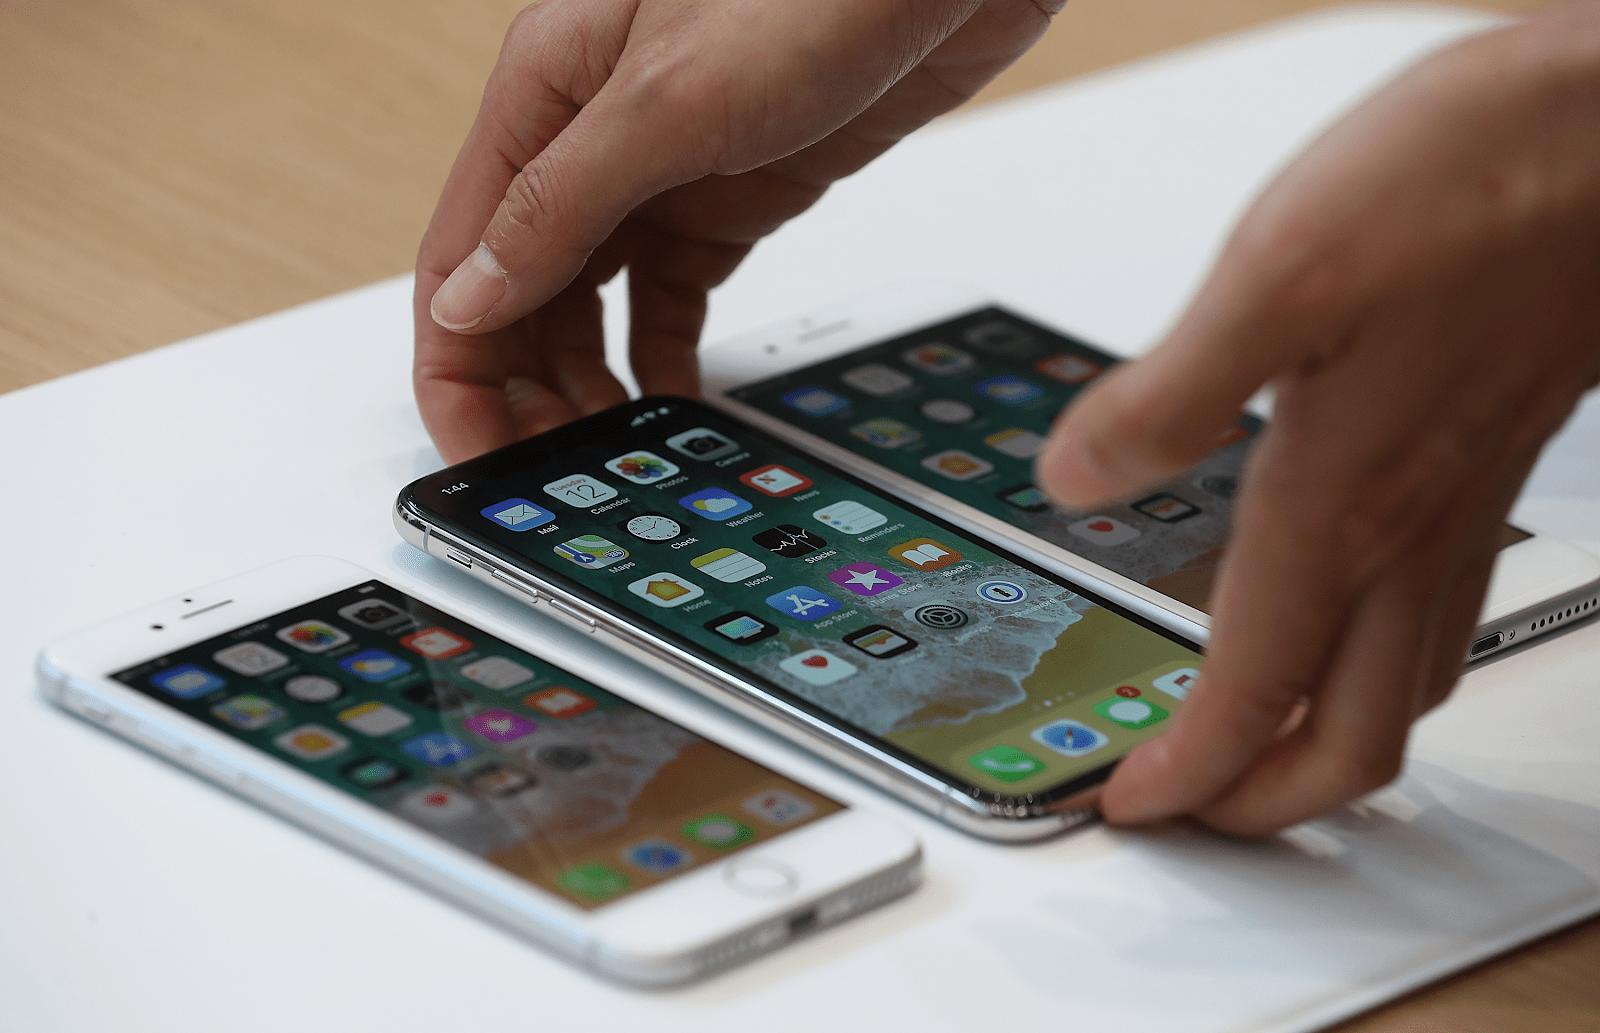 Phân biệt iPhone chính hãng và iPhone xách tay dựa trên giá thành trên thị trường